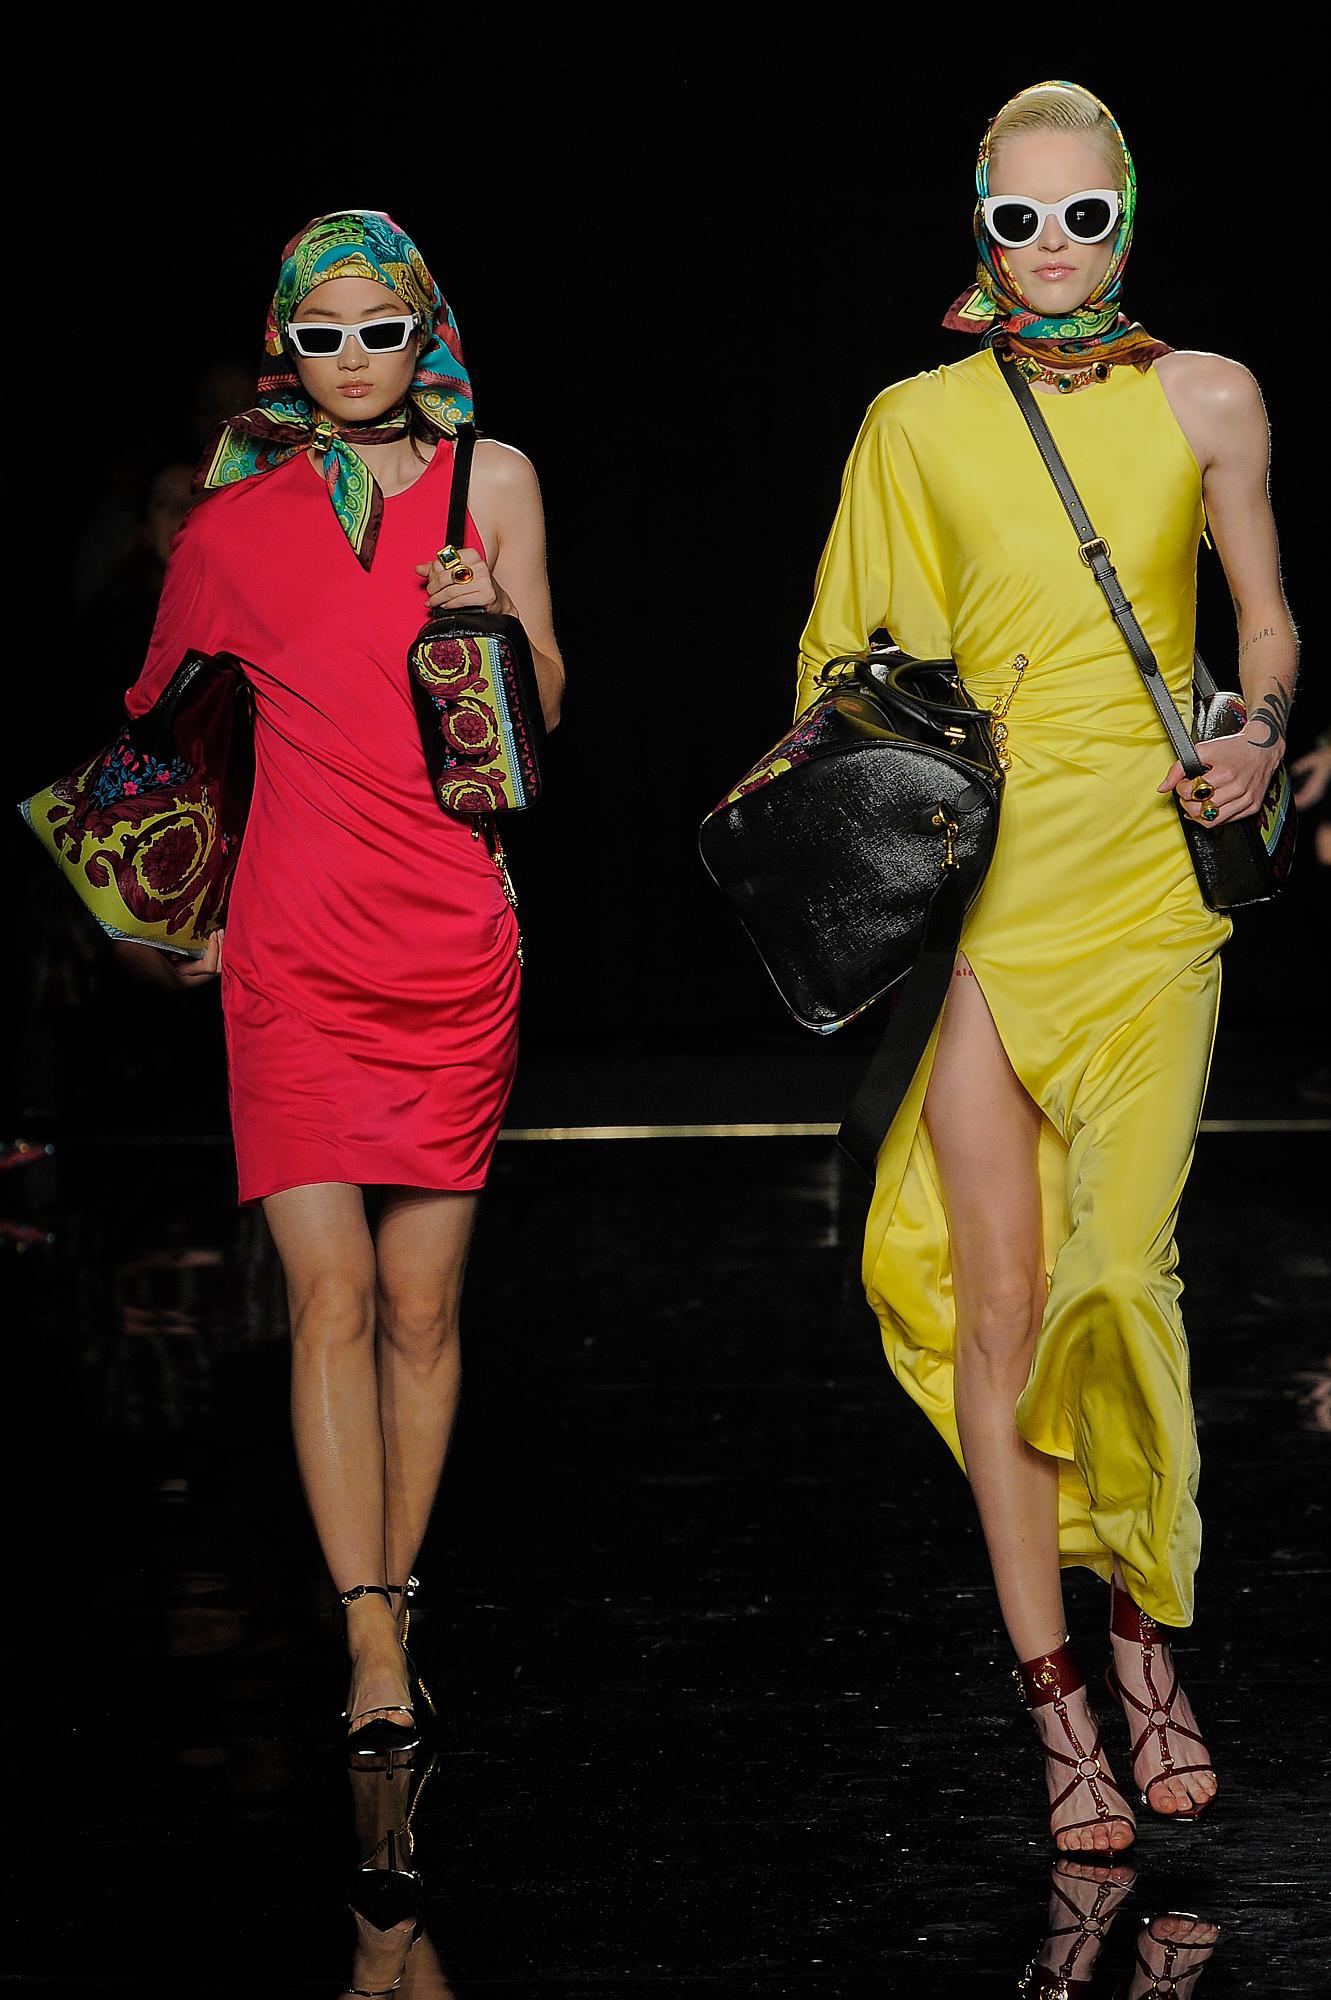 Versace_36_64_versace_runway_runway_00036.jpg